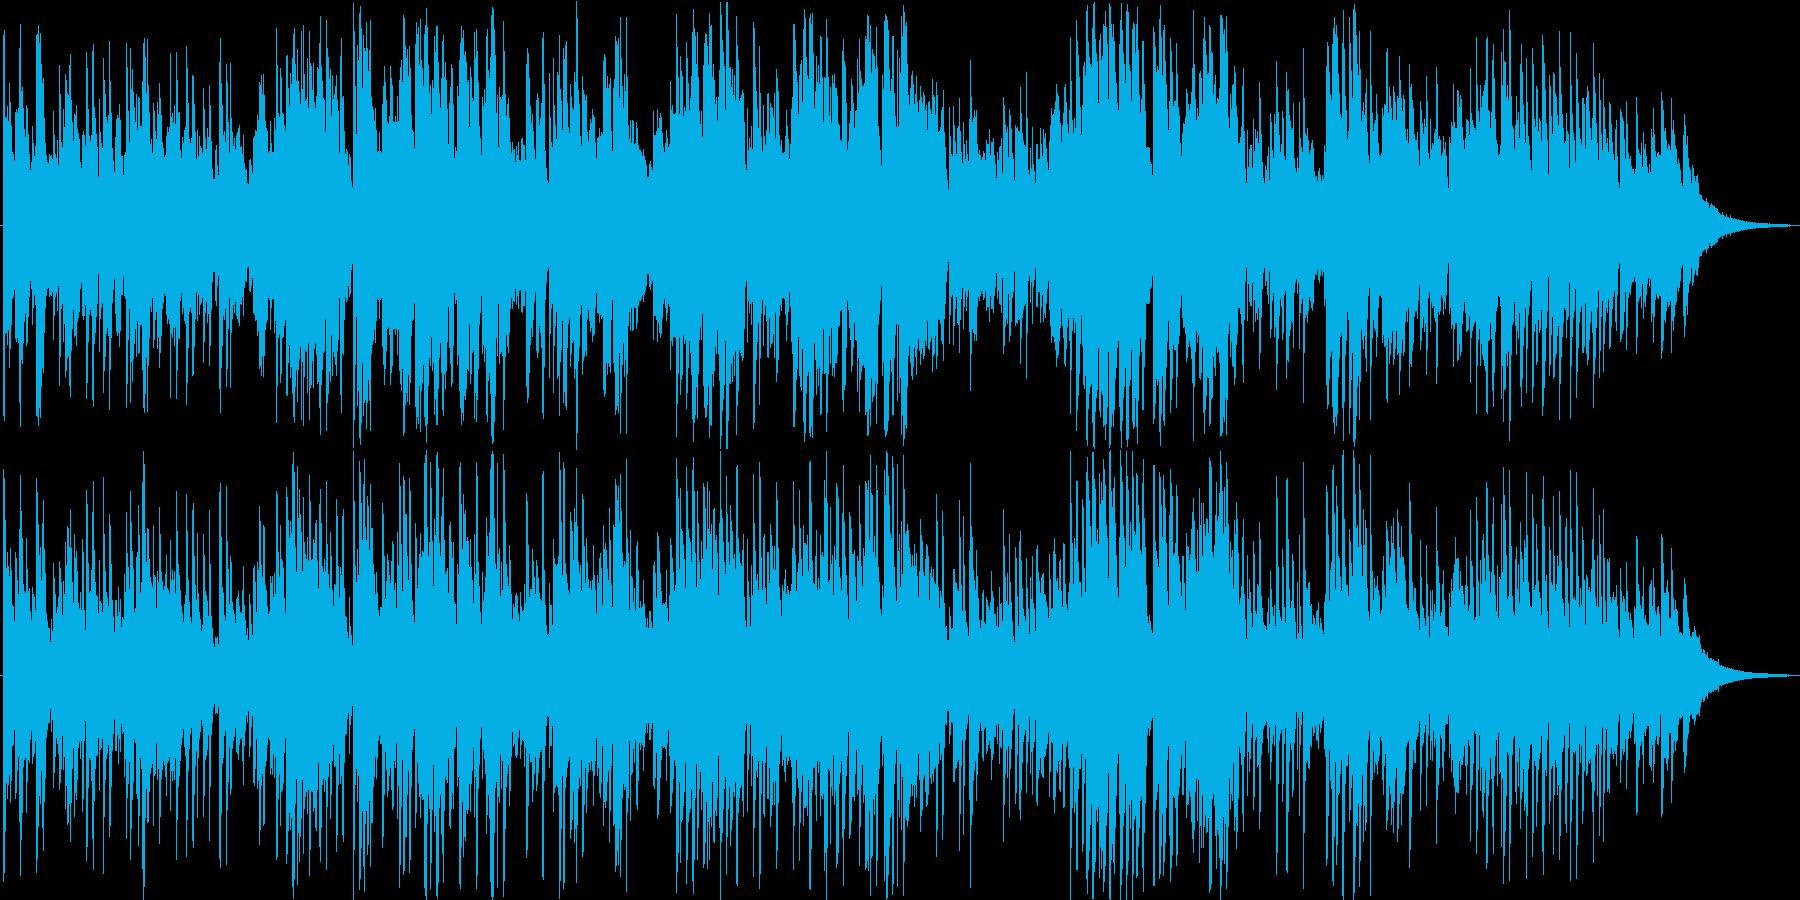 ピアノインスト曲です。いろんな場面で想…の再生済みの波形